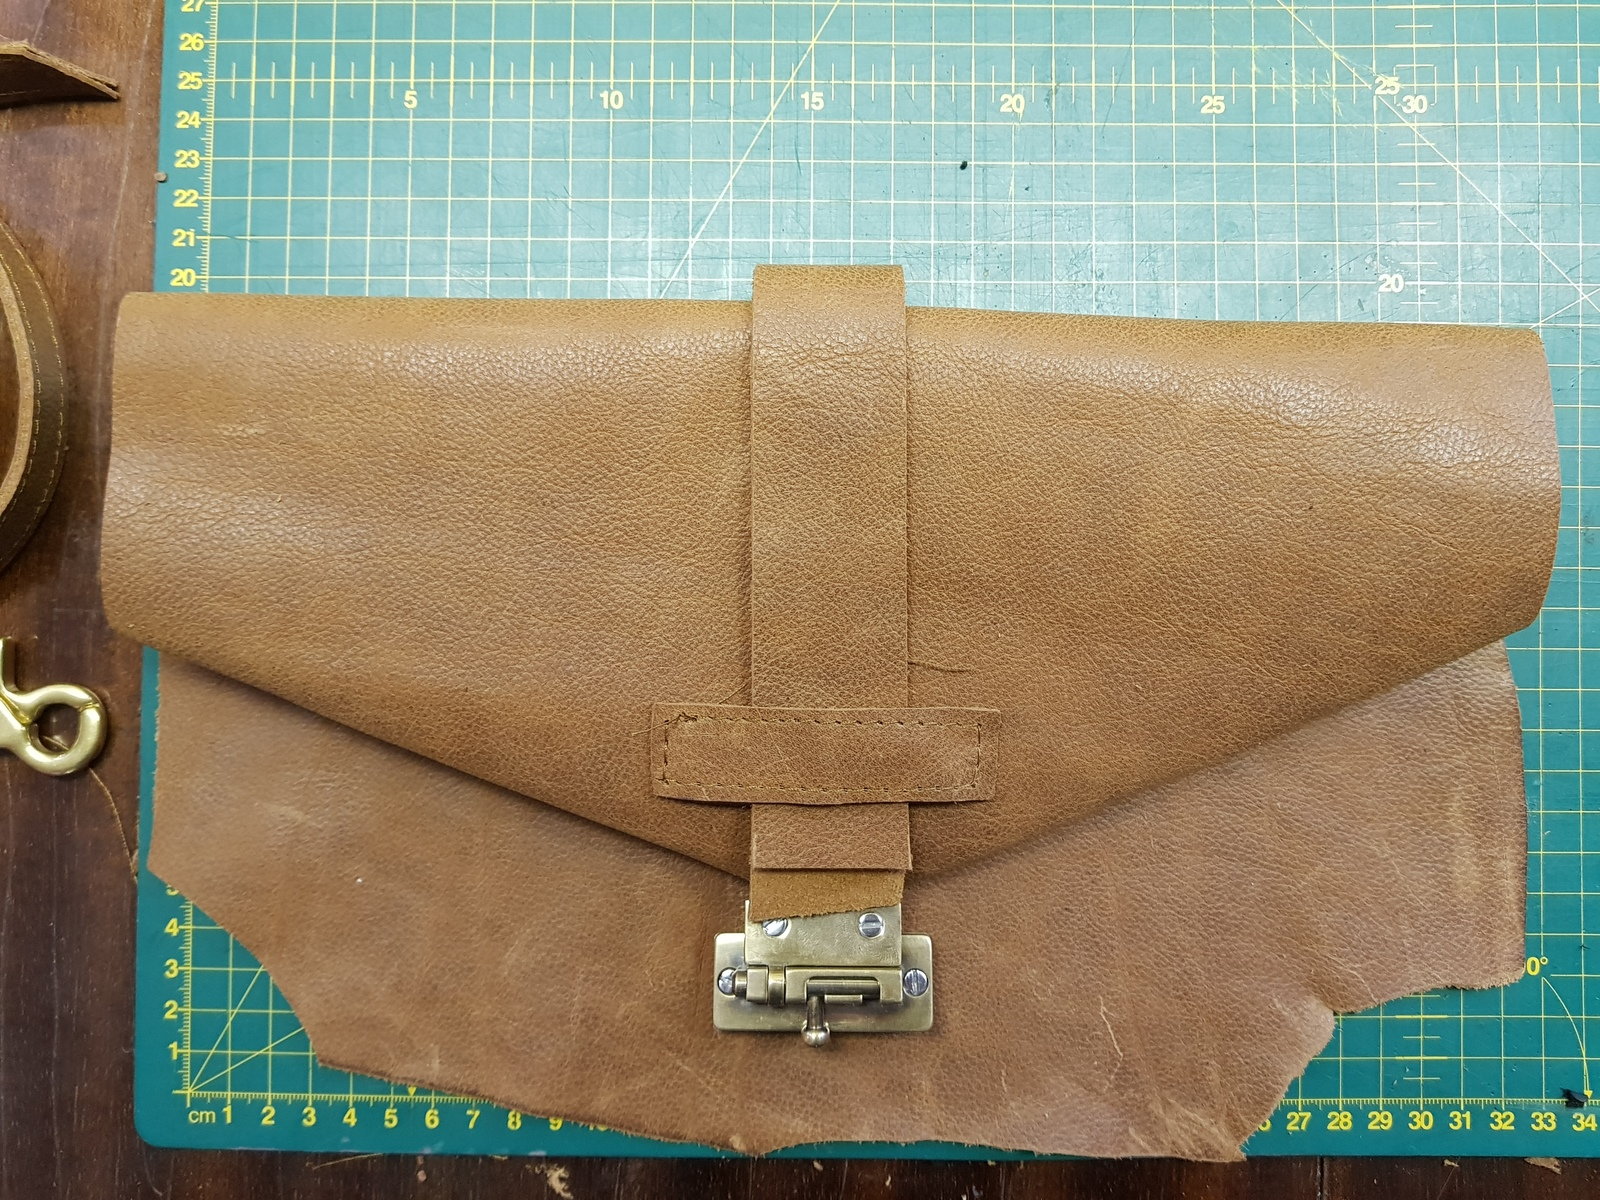 Кожаная сумка своими руками только, карман, сумка, этому, можно, сделать, подклад, будет, сделано, машинкой, клапан, начала, стенке, очень, иногда, основе, задней, навыворот, стенки, решил